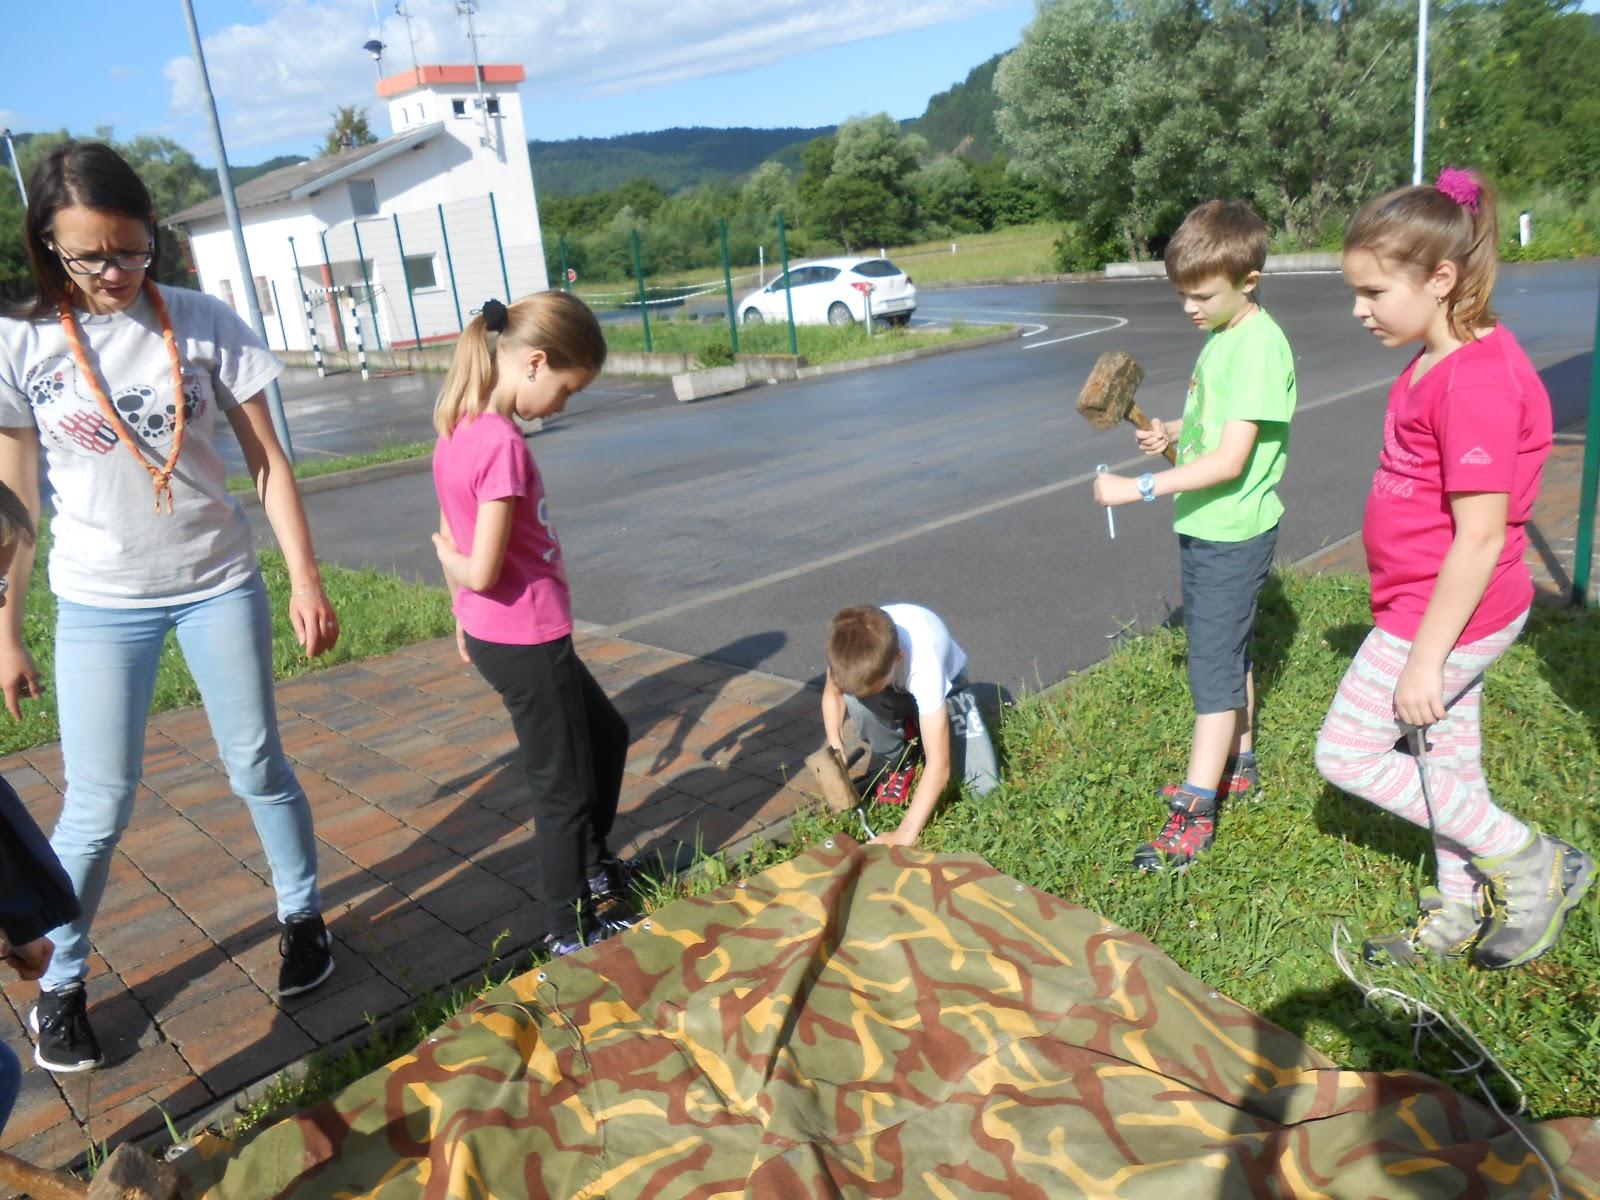 Športni dan OŠ Podgora Kuteževo, Kuteževo 2016 - DSCN5318.JPG